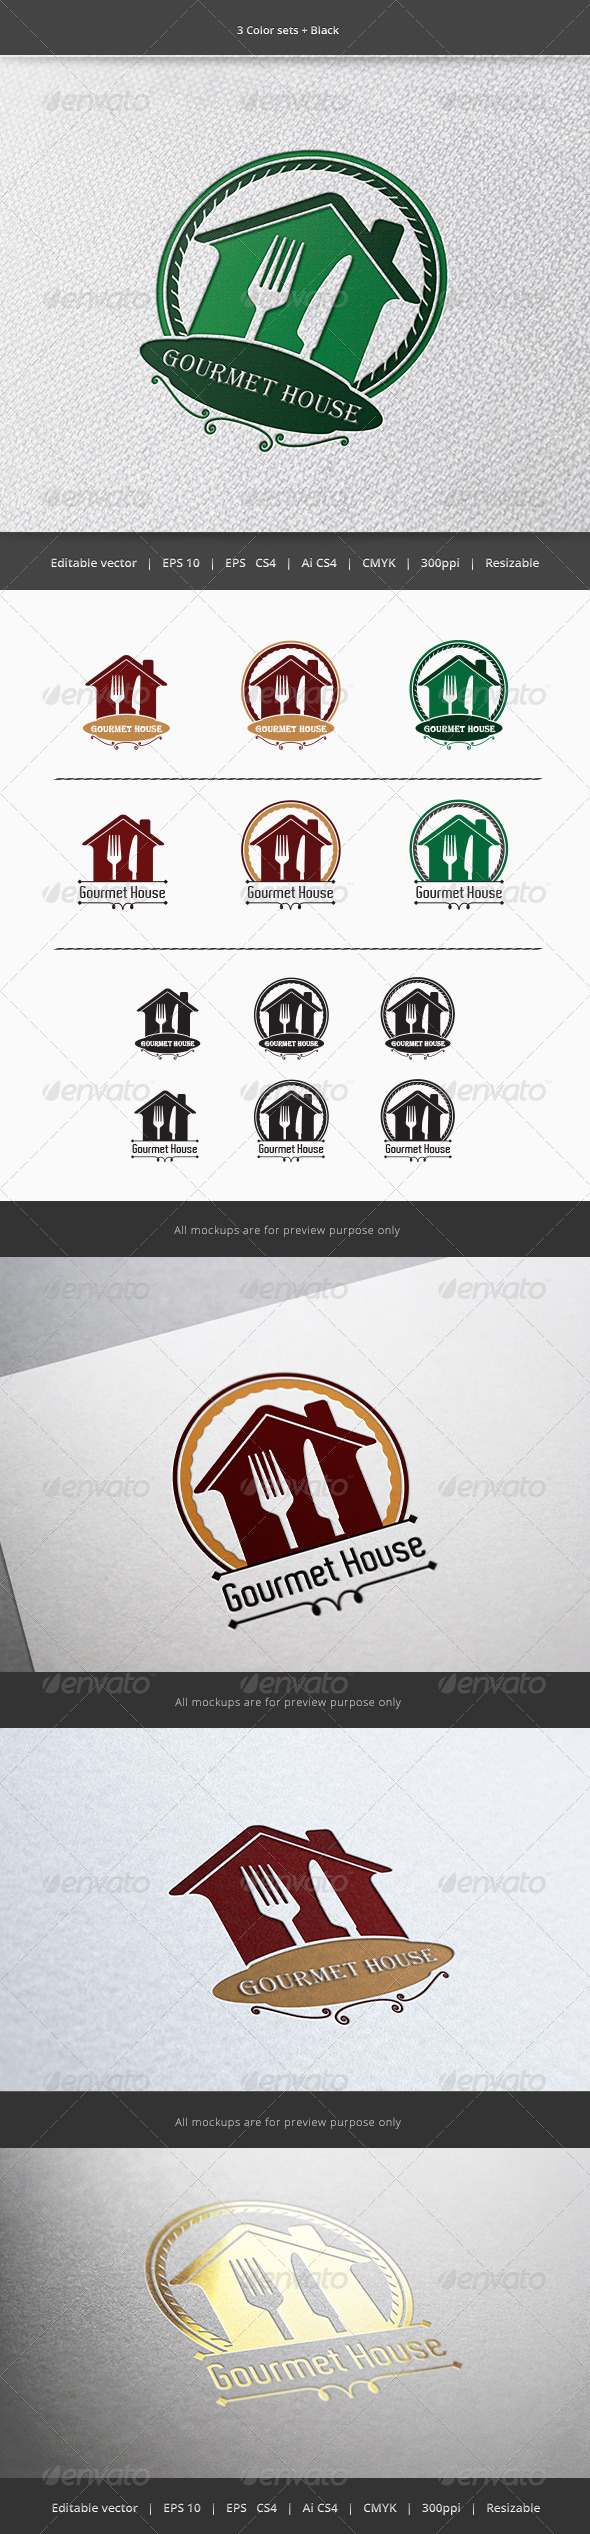 GraphicRiver Gourmet House Restaurant Logo 5899761